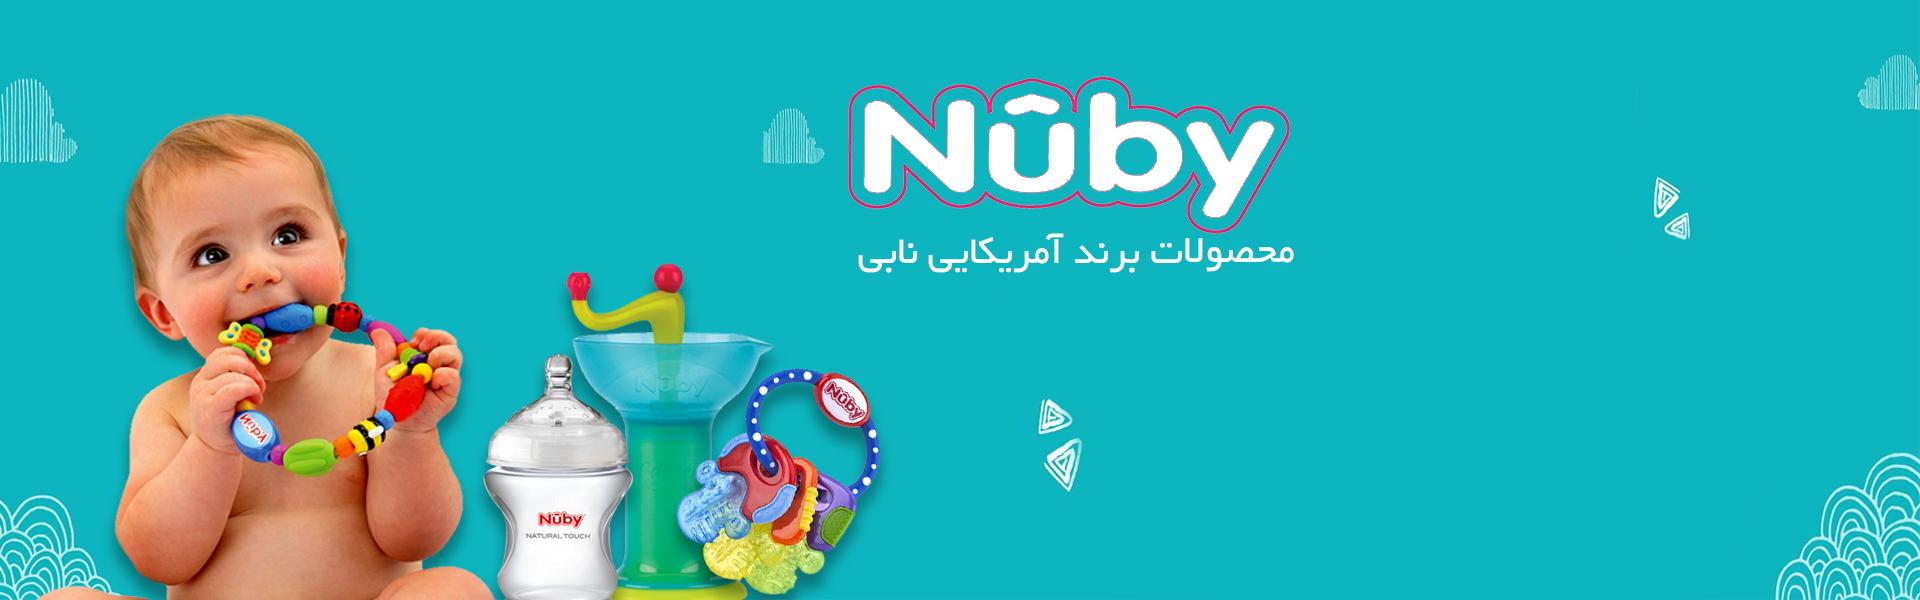 محصولات نابی nuby product